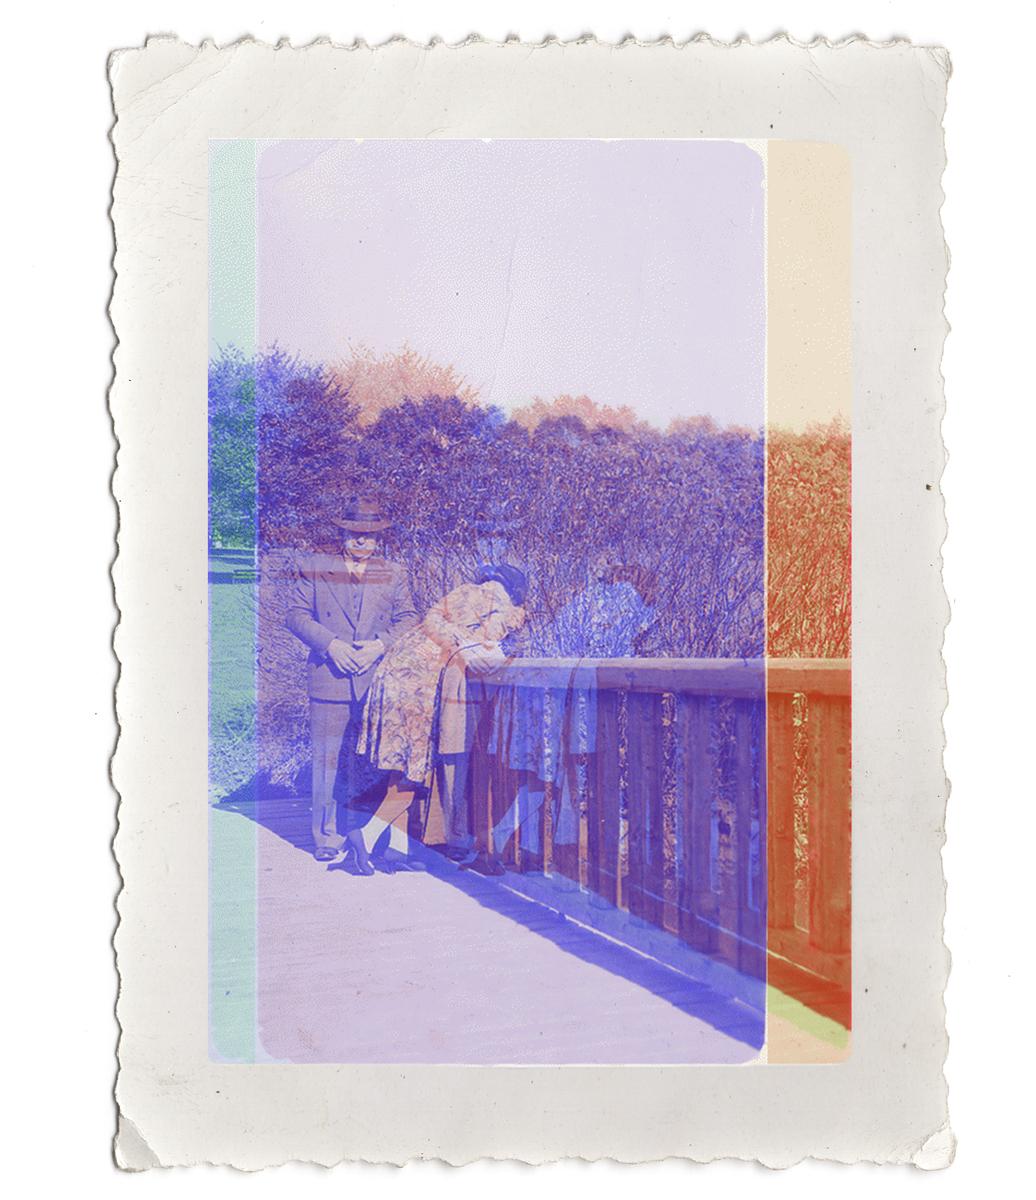 Untitled (couple on railing), 2013.